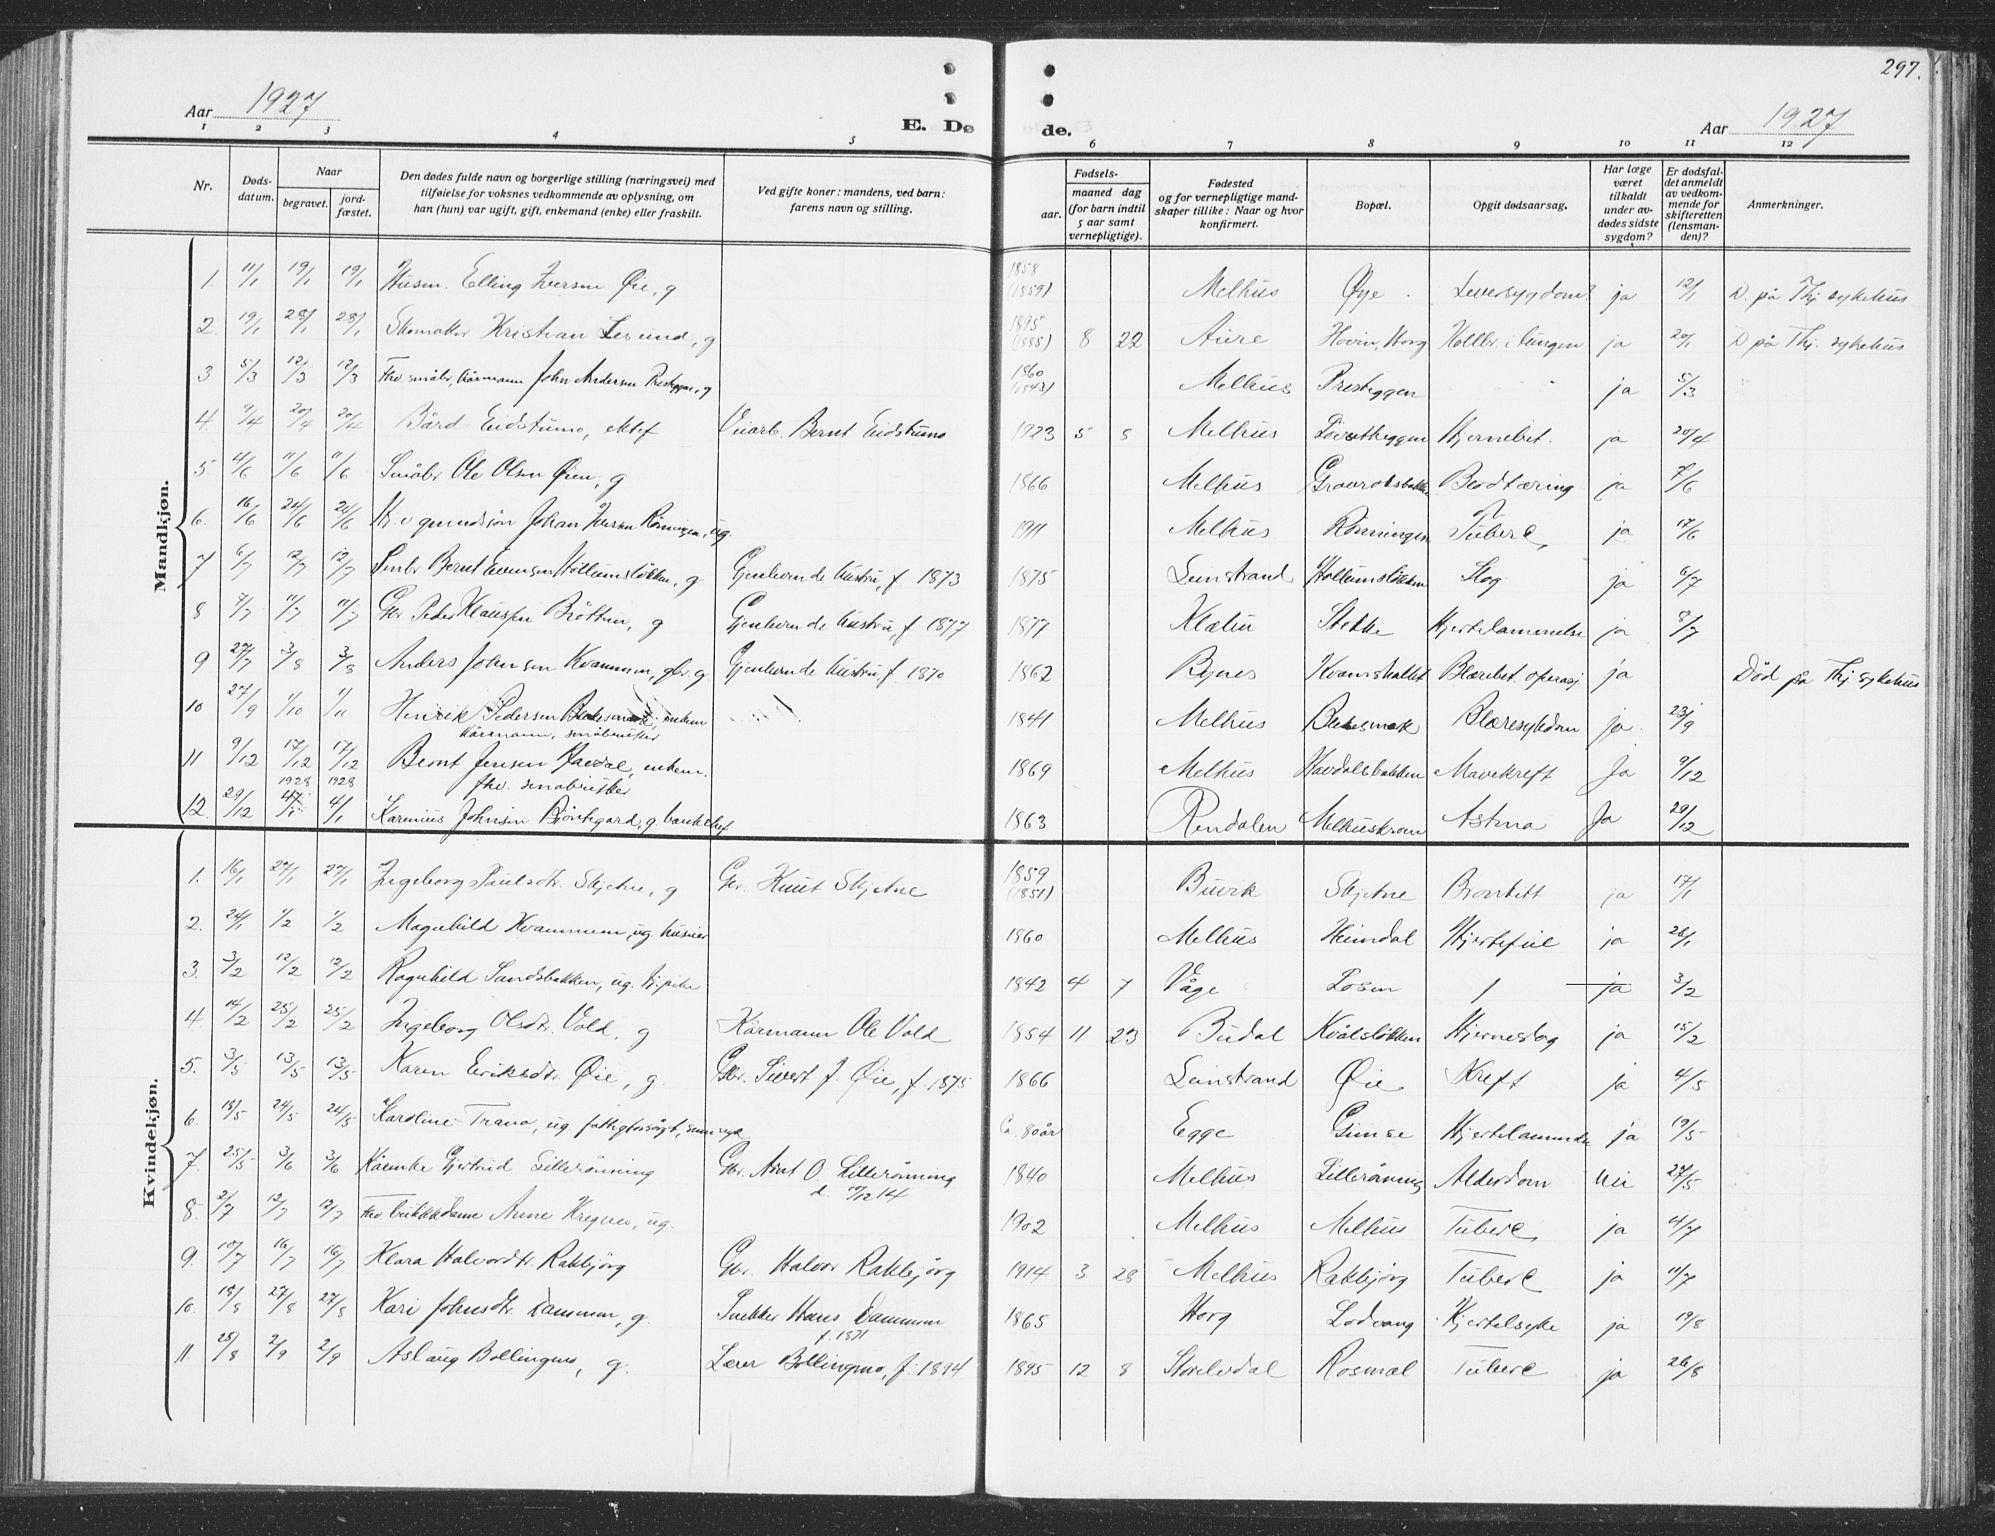 SAT, Ministerialprotokoller, klokkerbøker og fødselsregistre - Sør-Trøndelag, 691/L1095: Klokkerbok nr. 691C06, 1912-1933, s. 297